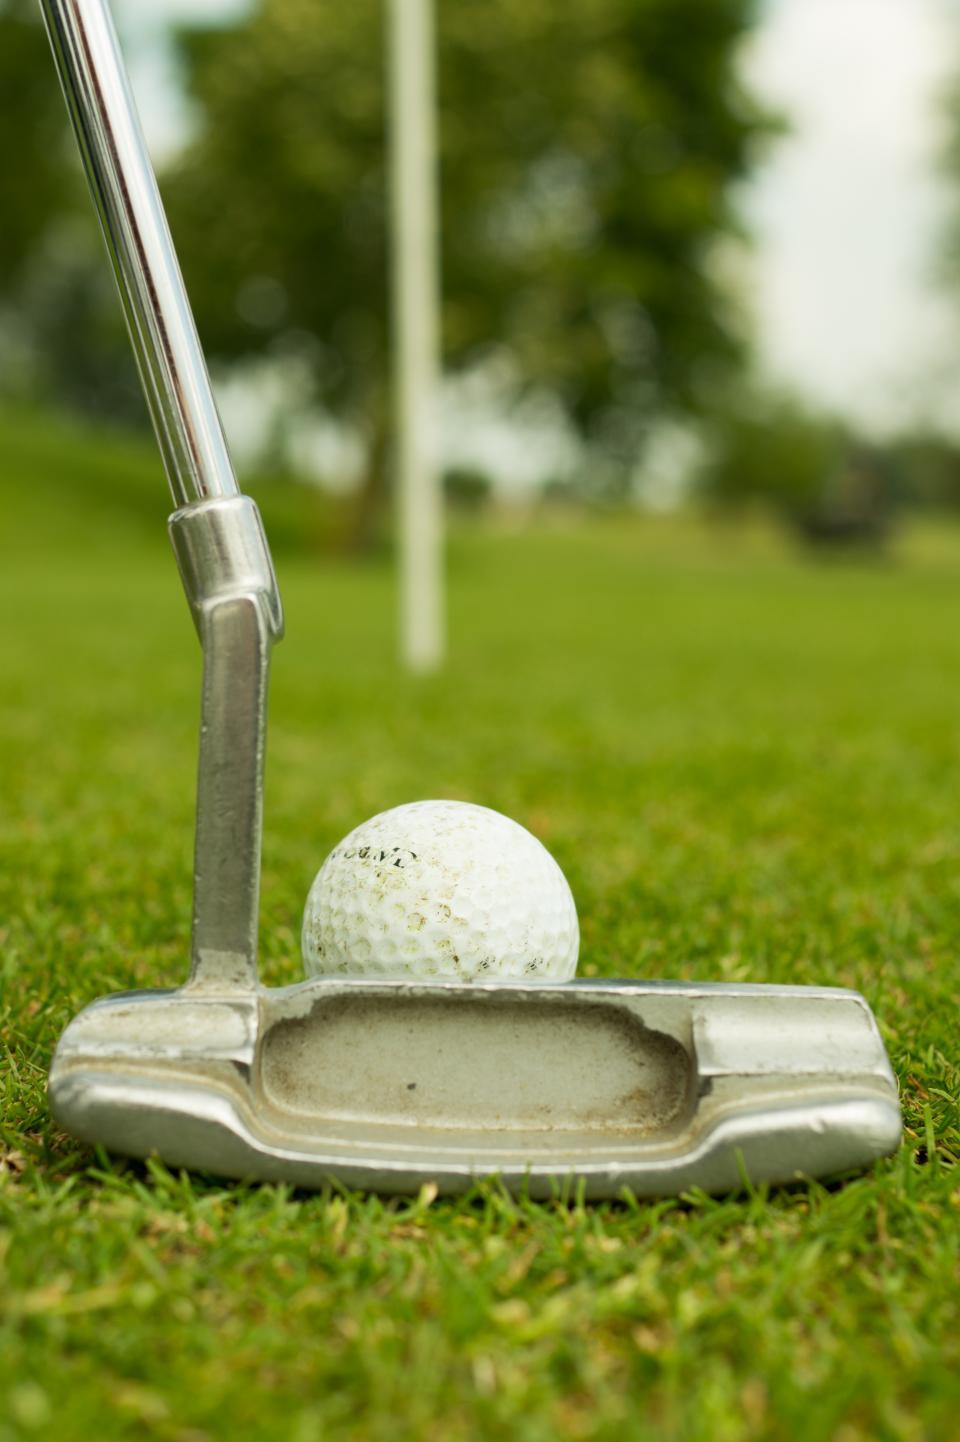 sports putter green golf ball